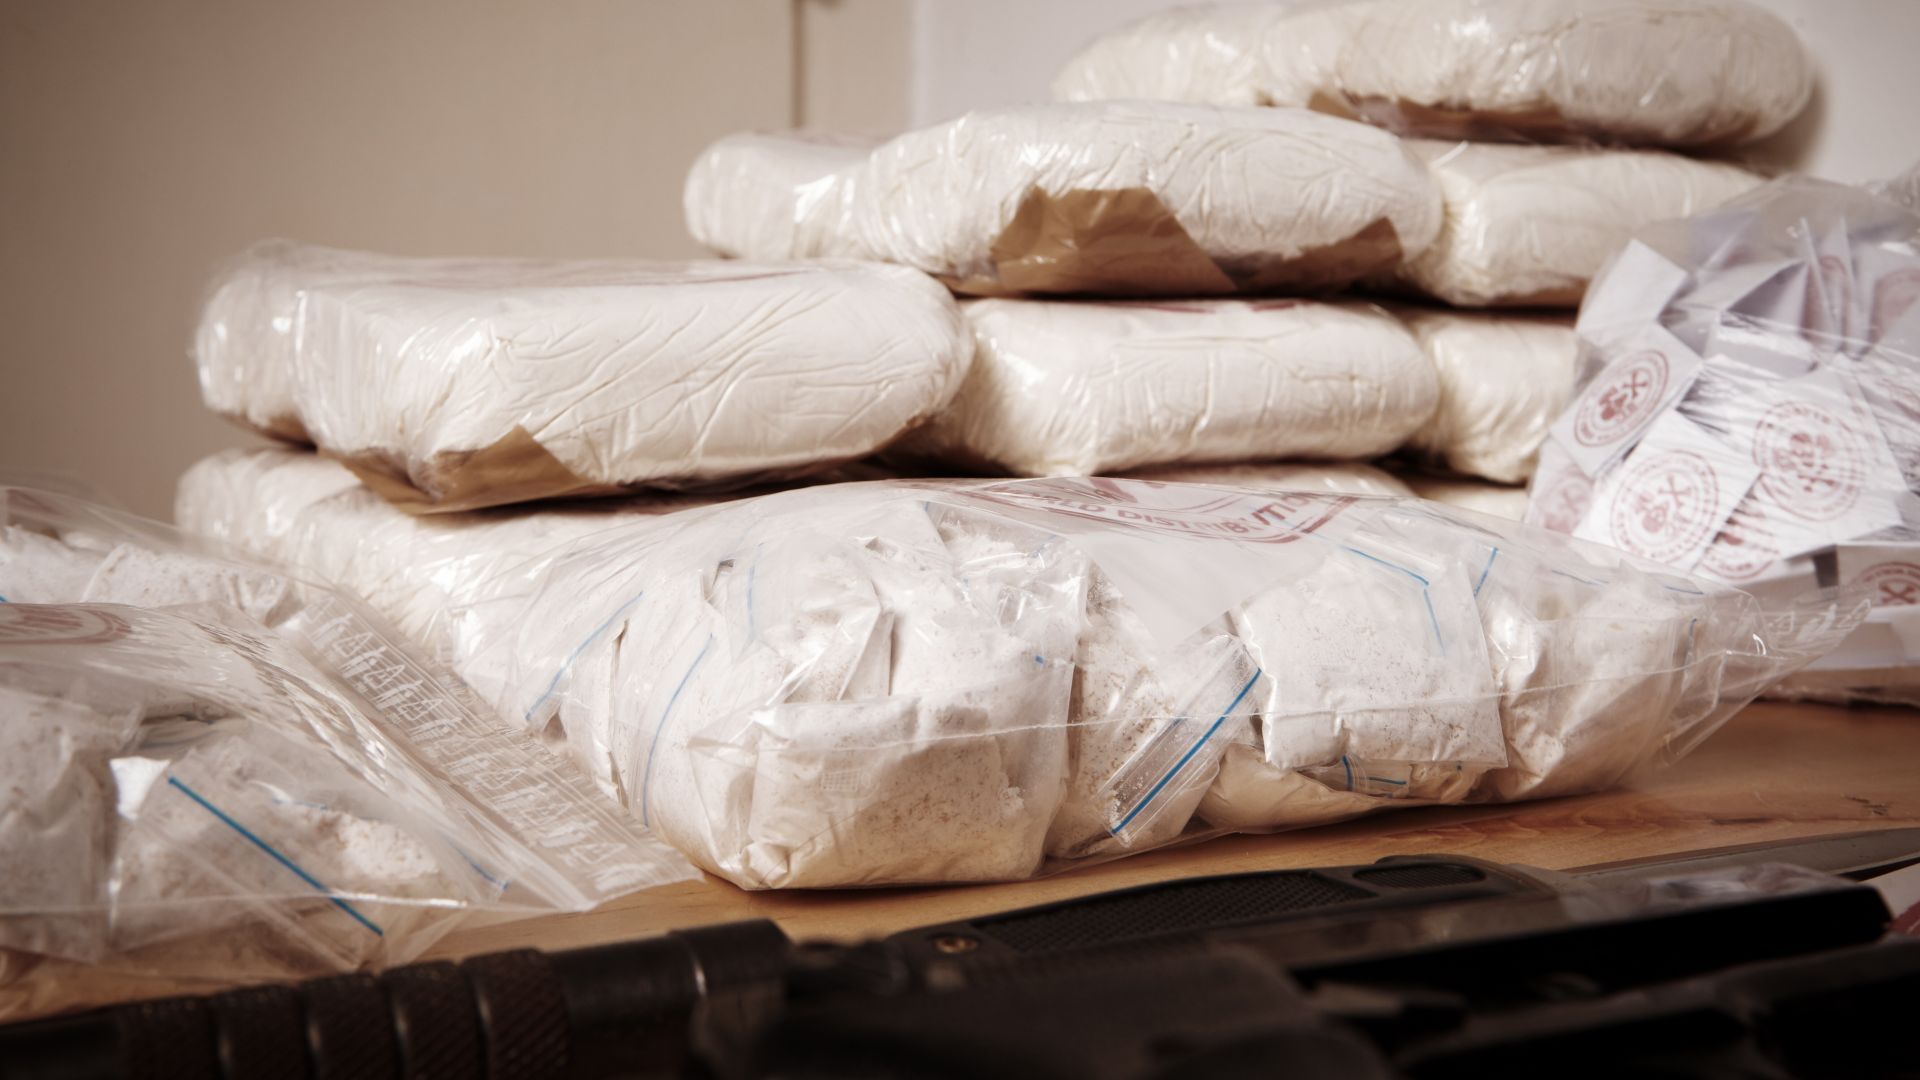 Турските власти на ГКПП Капъкуле-Капитан Андреево са разкрили 104 кг